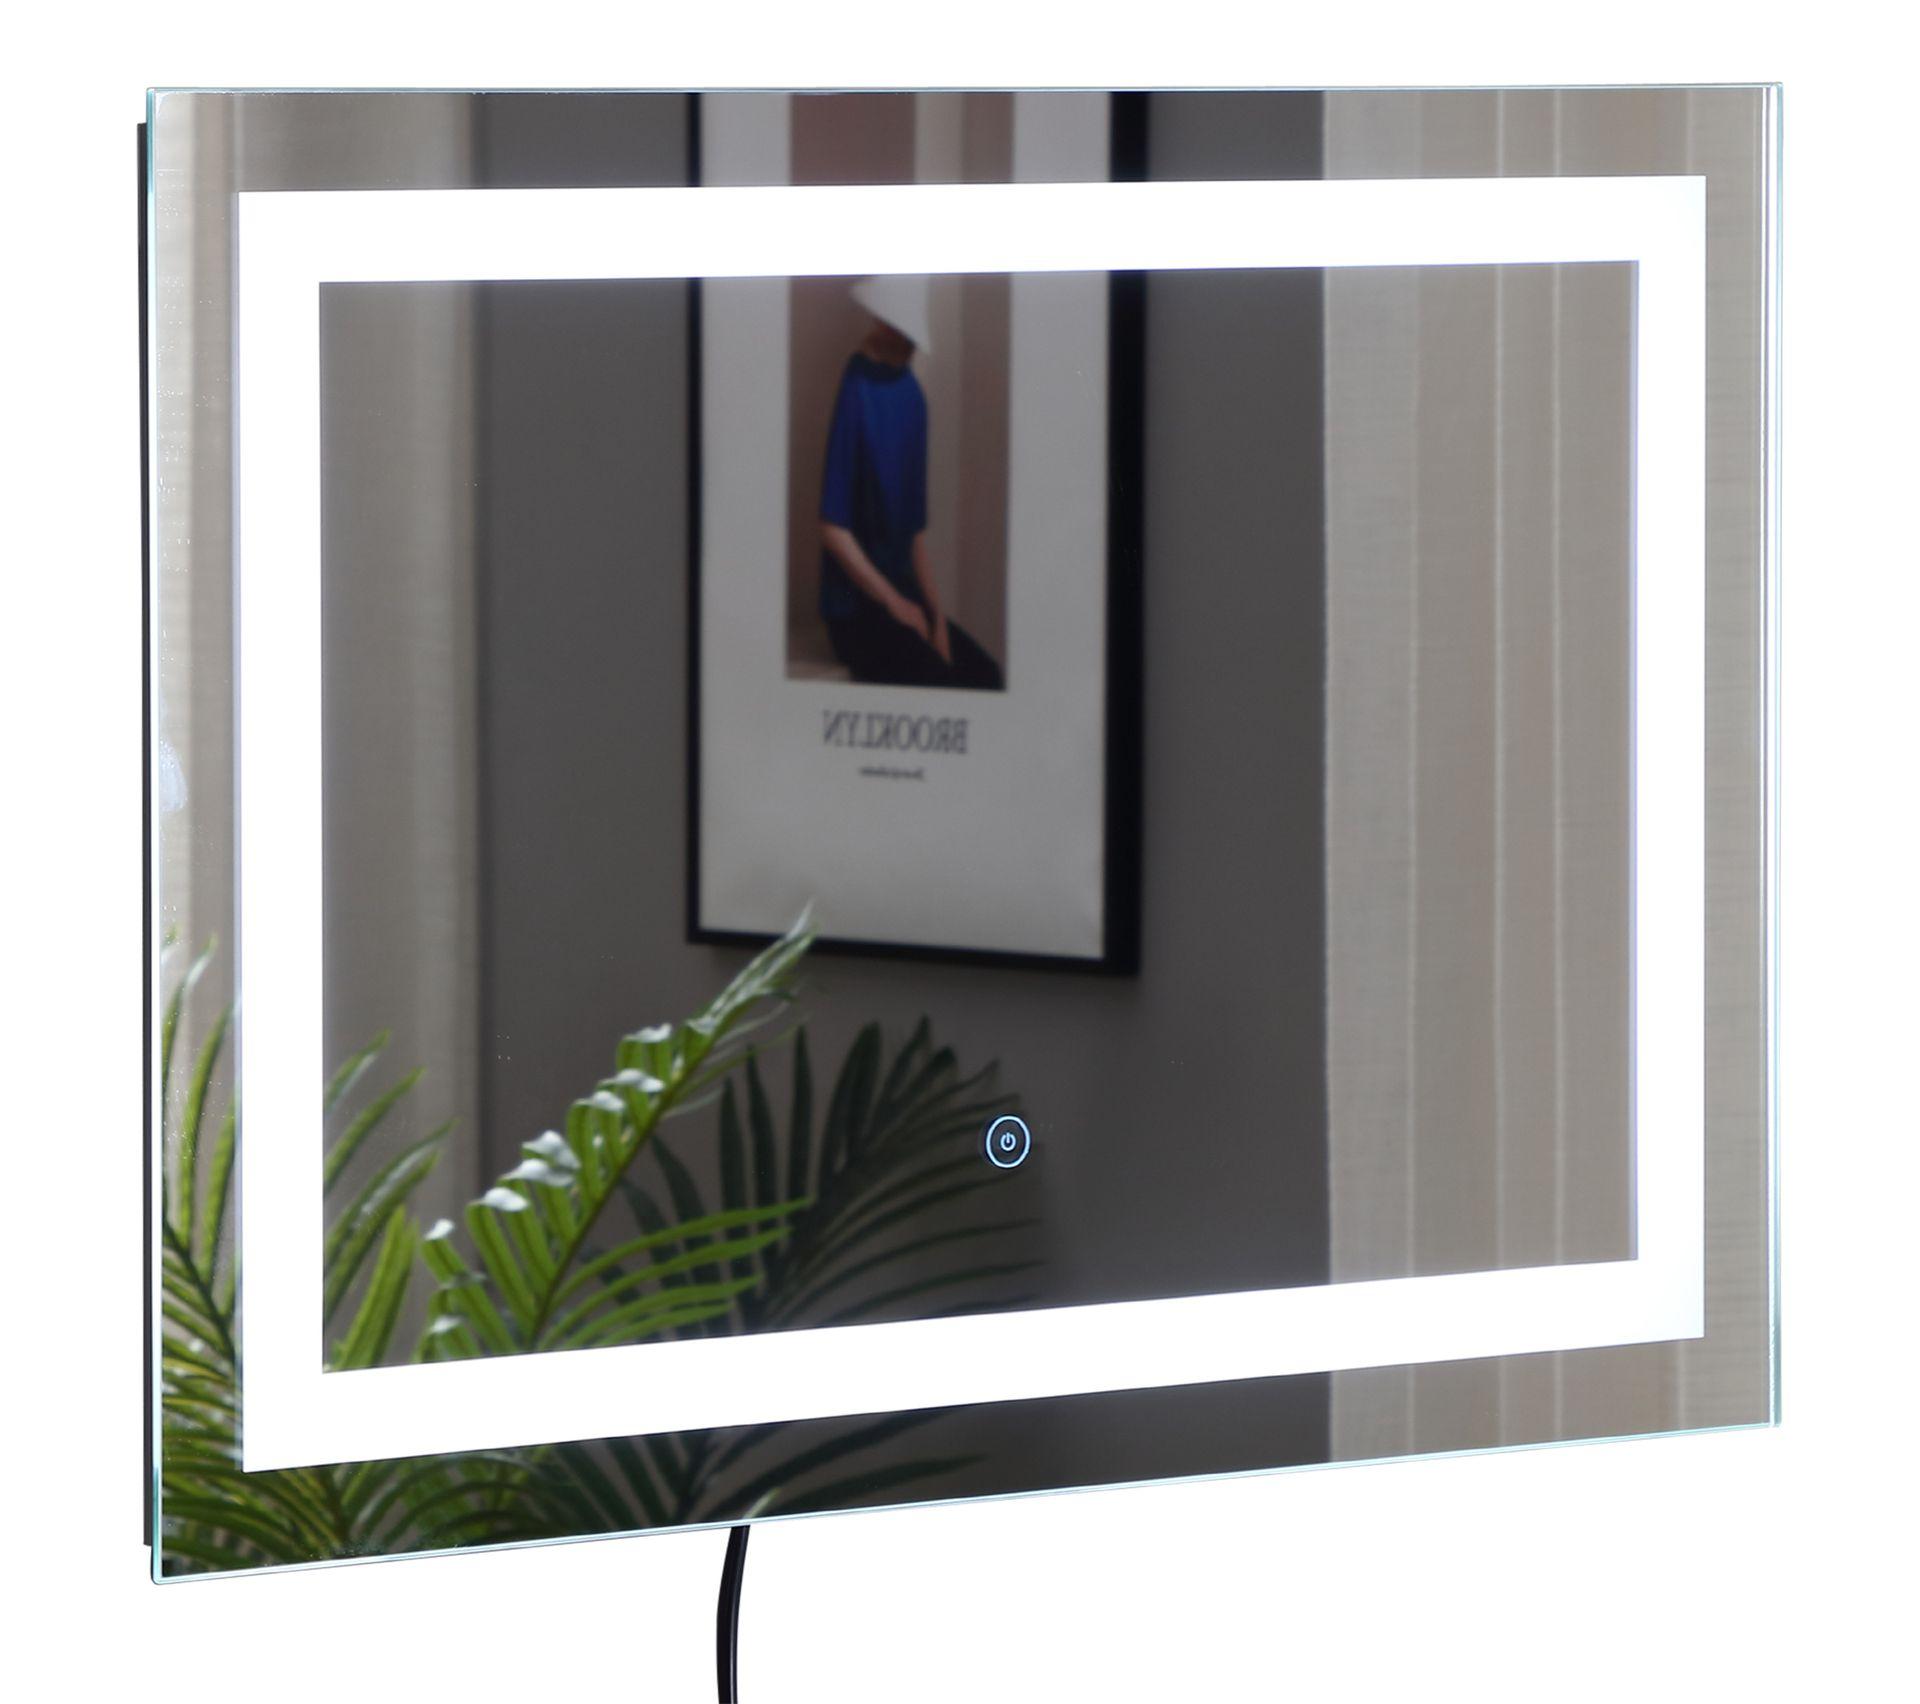 Miroir Eclairant Salle De Bain miroir lumineux led salle de bain 38 w interrupteur tactile 50l x 4l x 70h  cm